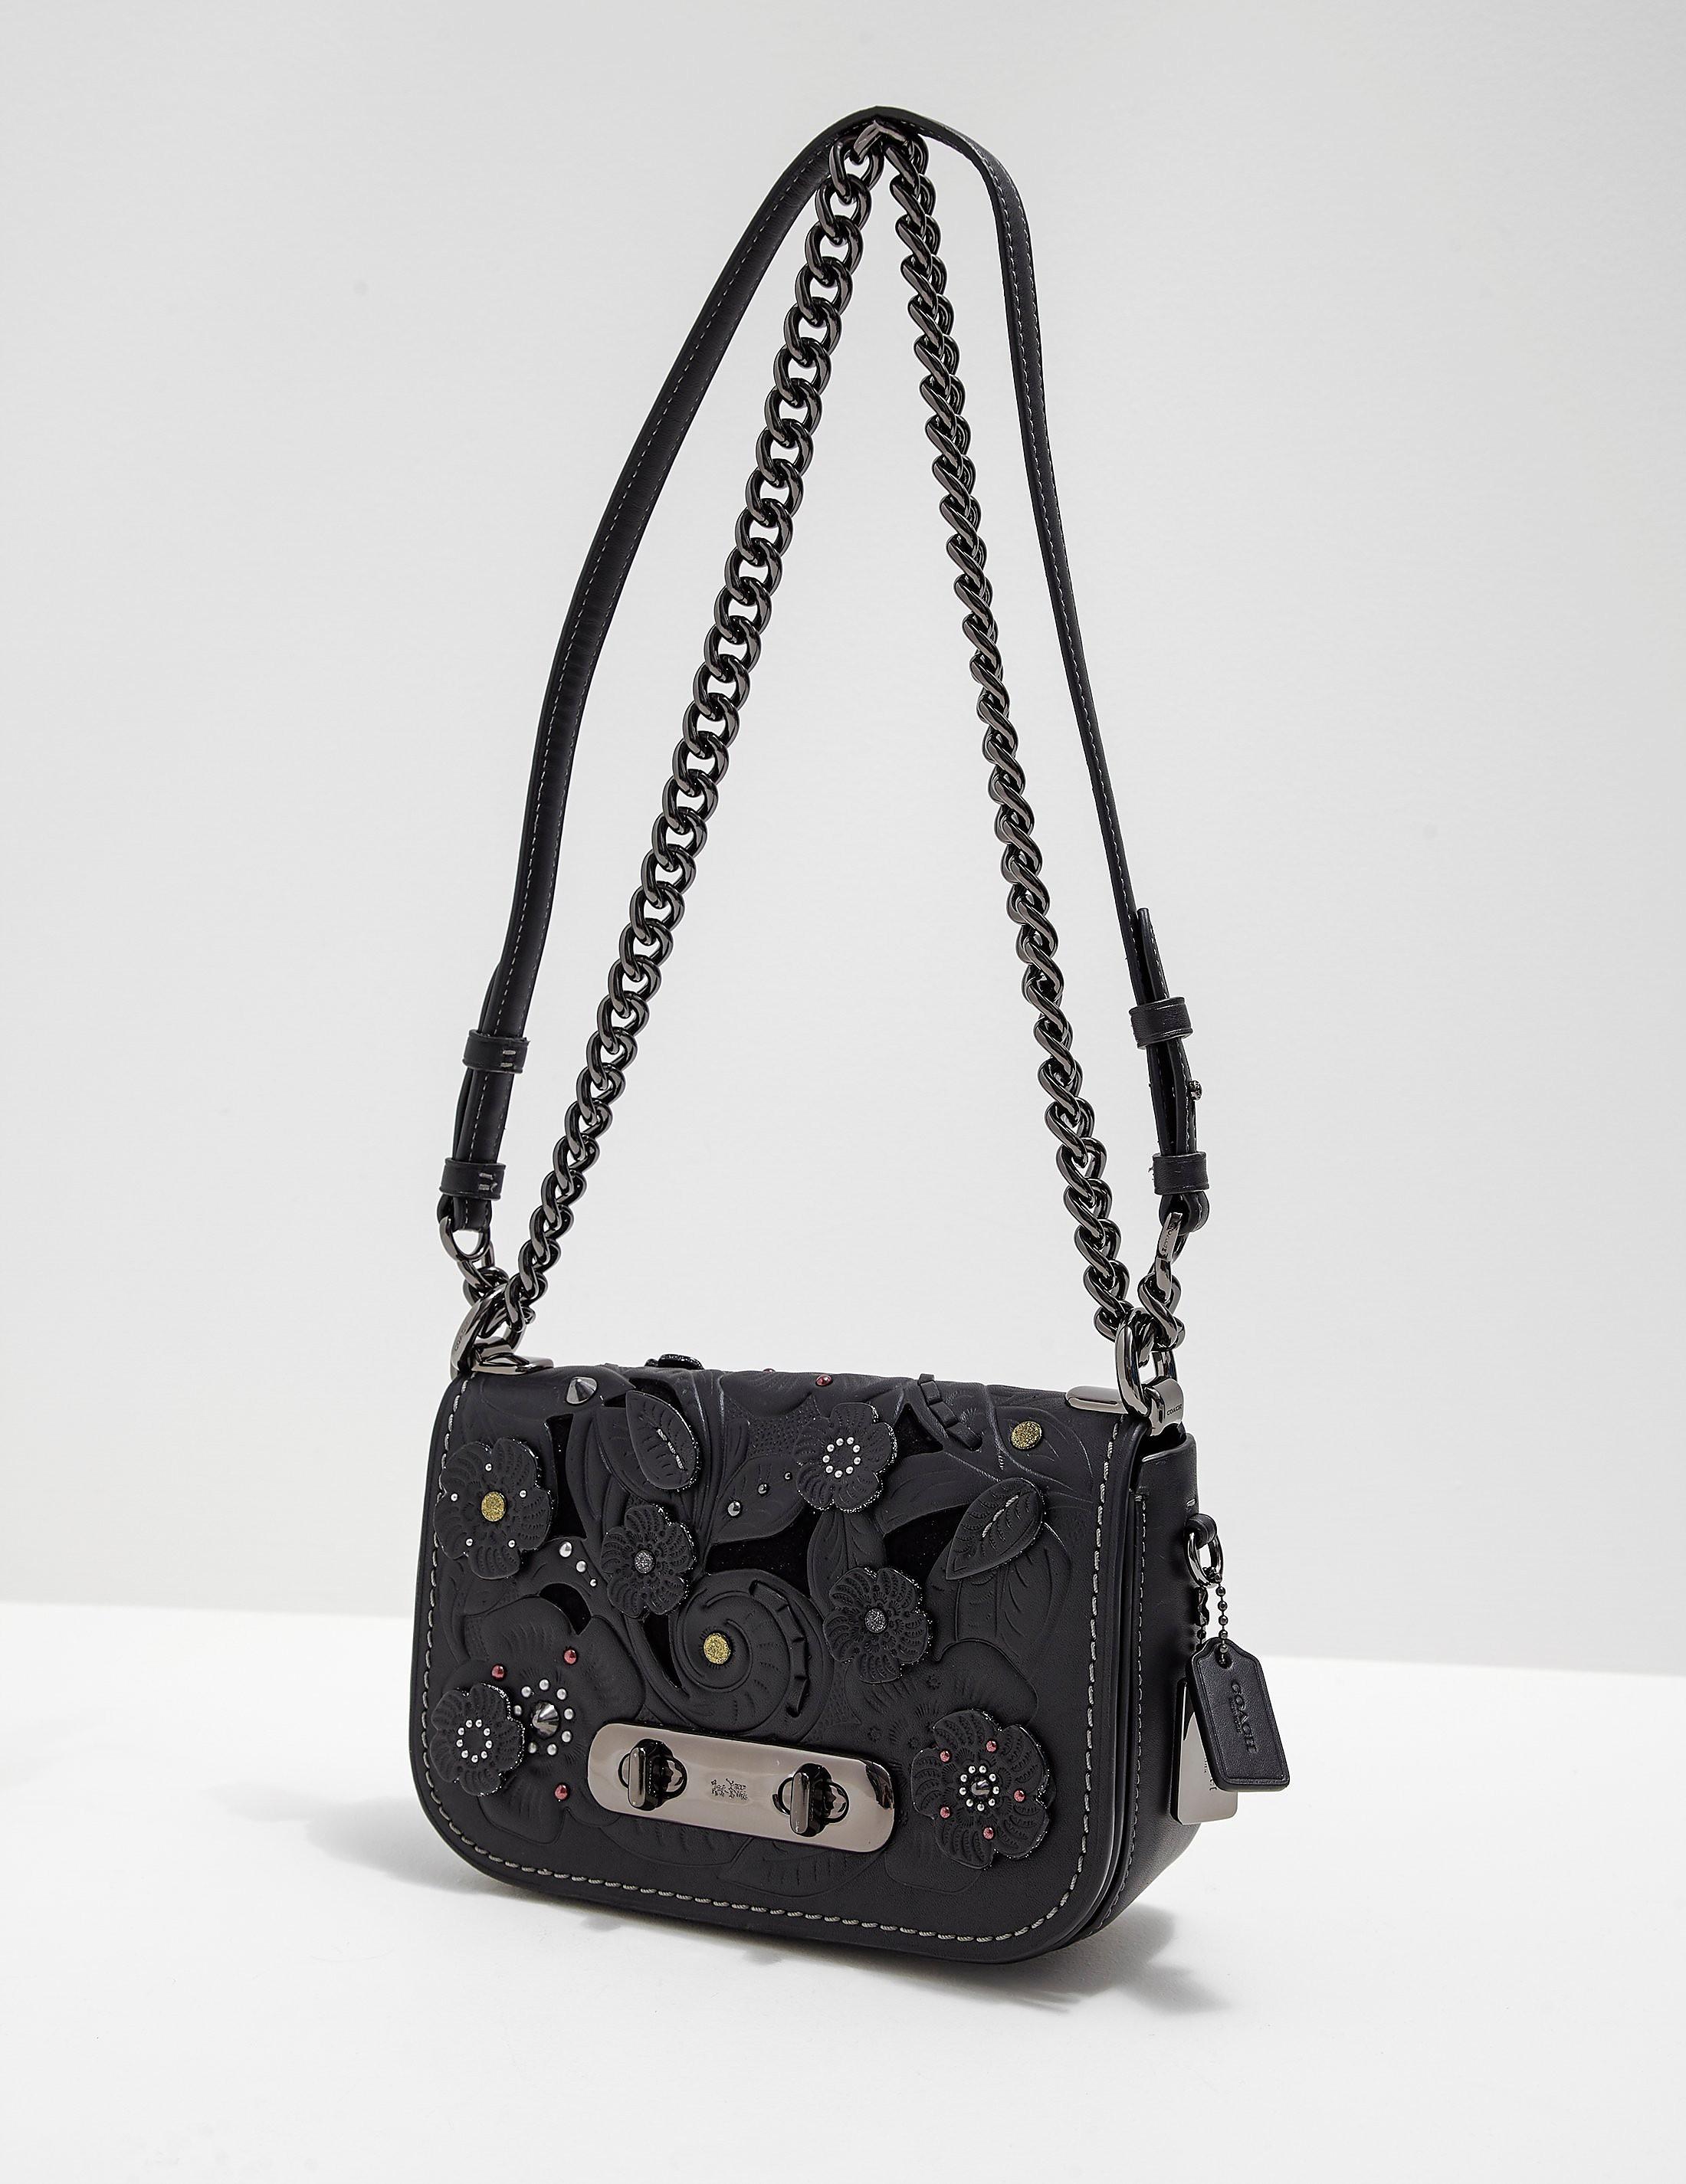 COACH Swagger Shoulder Bag